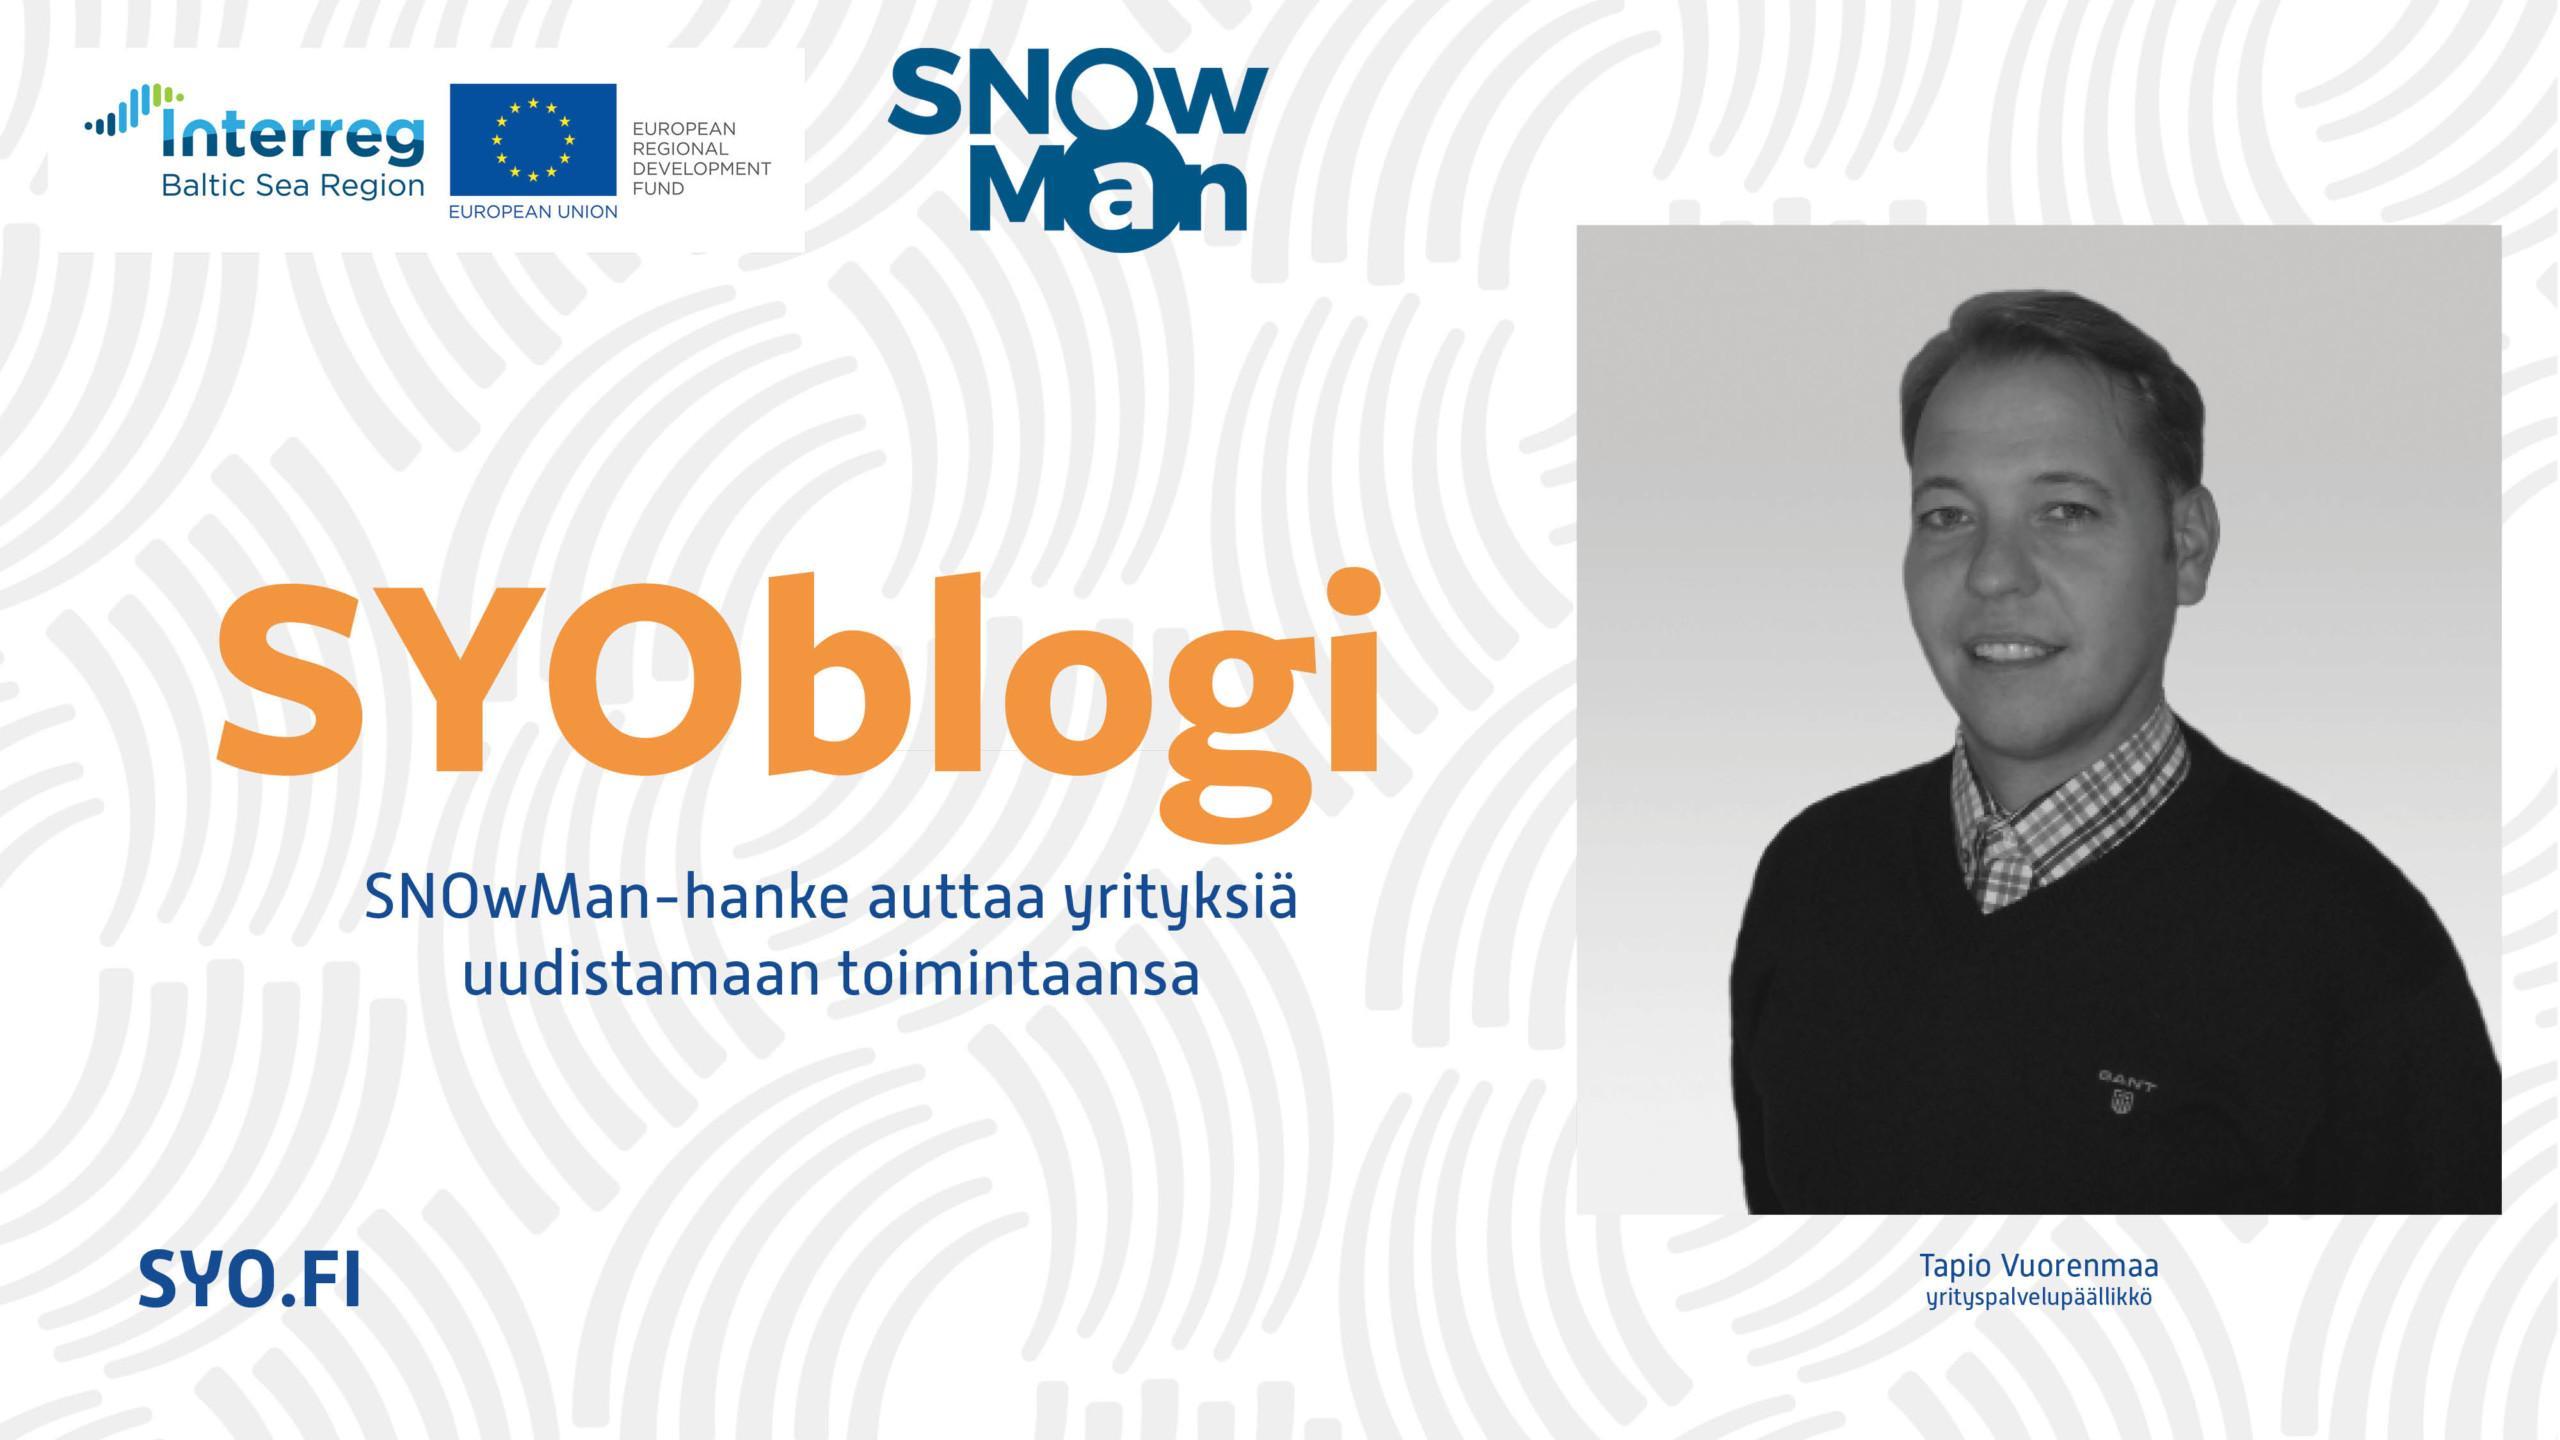 SYOblogi: SNOwMan-hanke auttaa yrityksiä uudistamaan toimintaansa, Tapio Vuorenmaa.